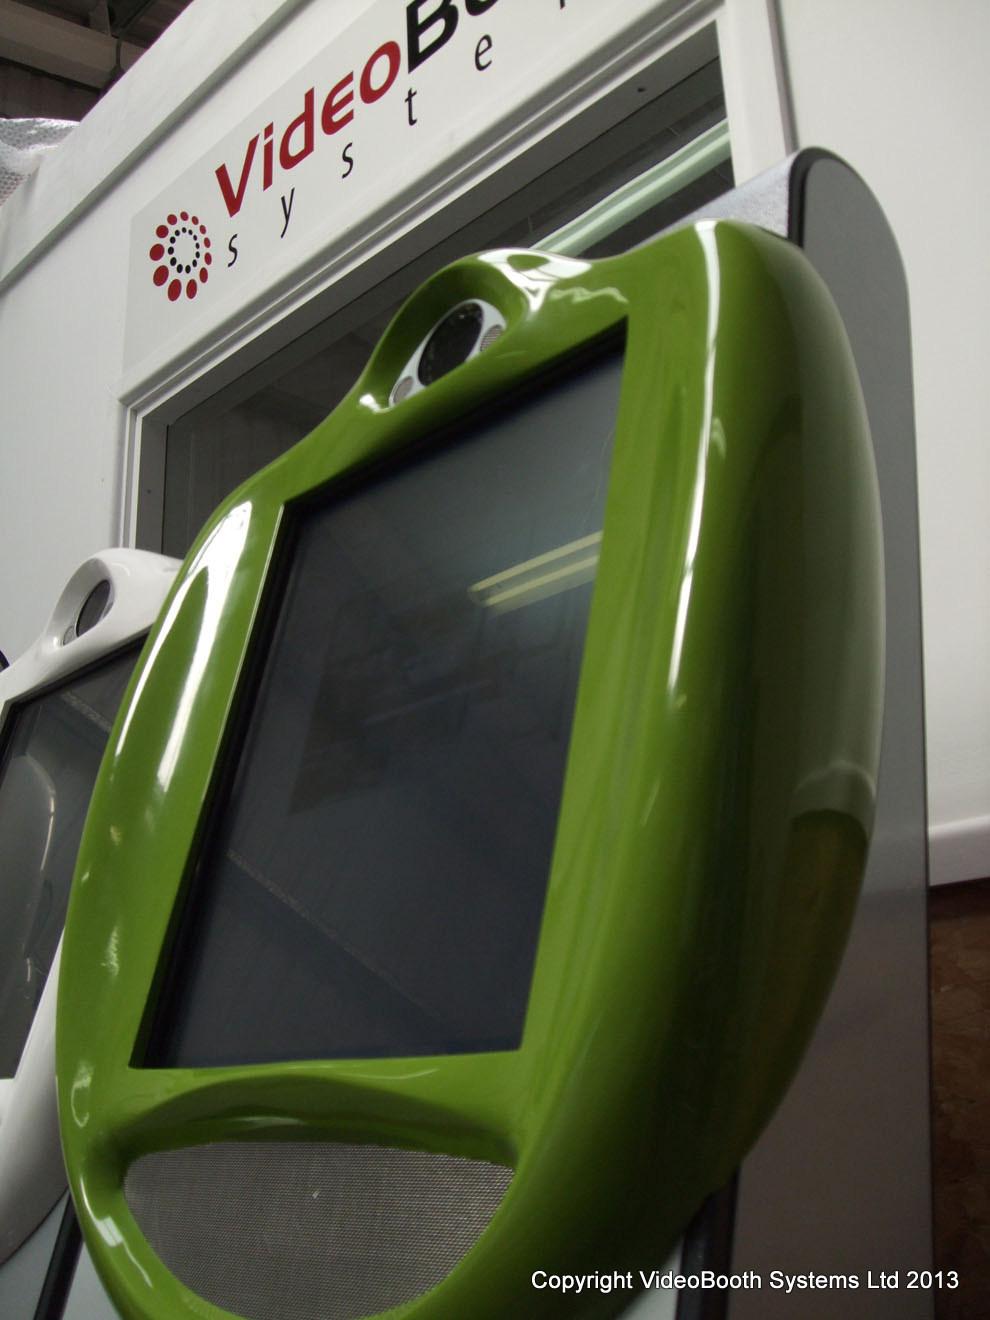 Freestanding VideoKiosk Lime.JPG